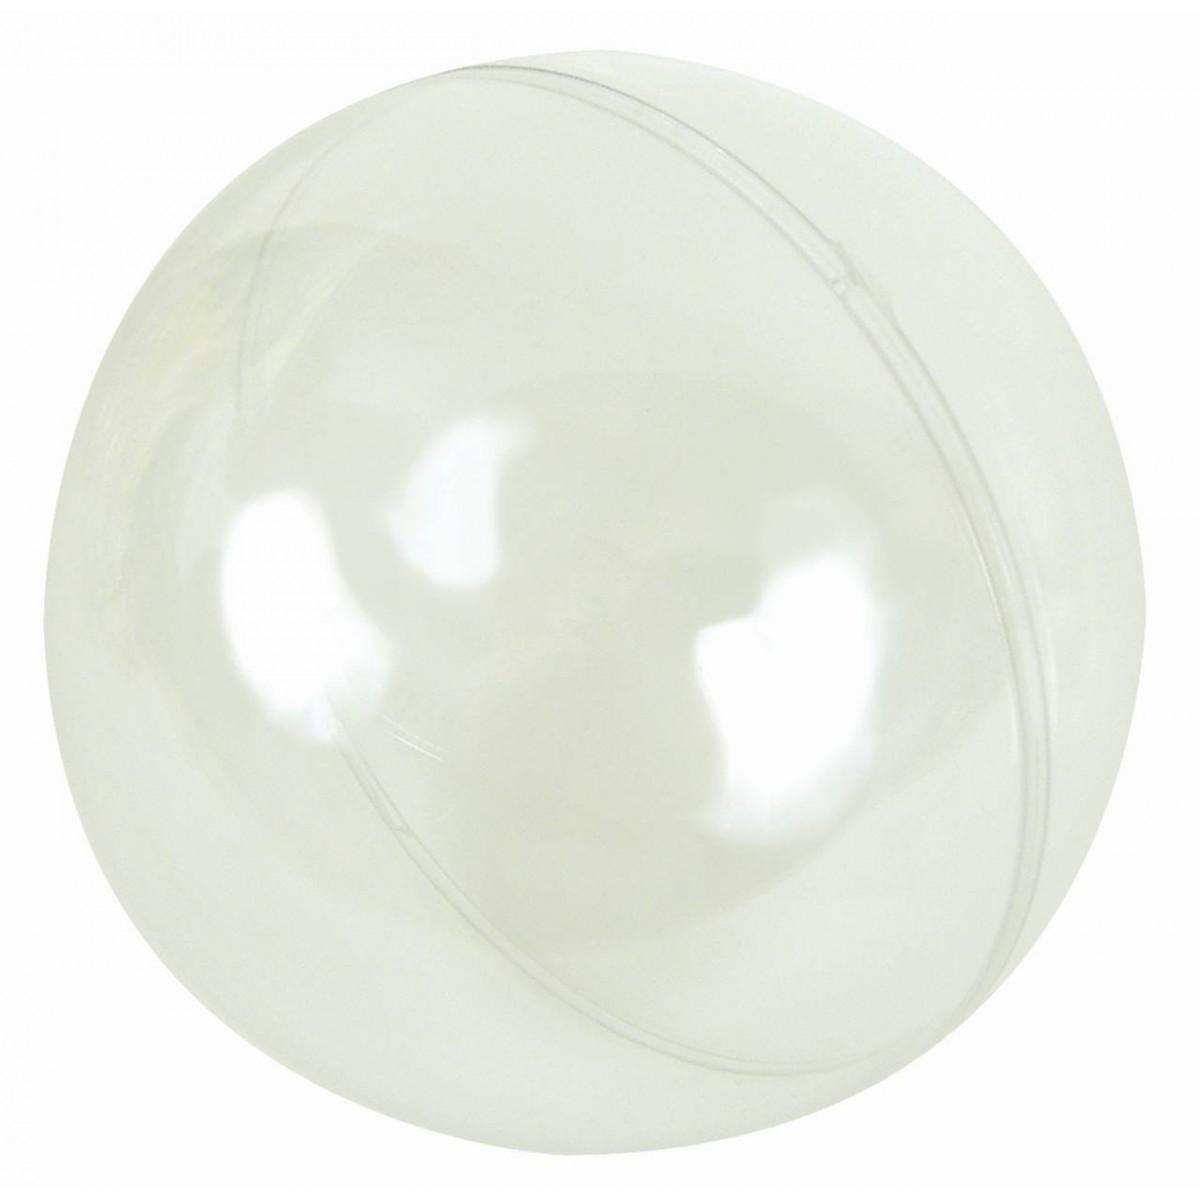 Boule Plastique A Decorer 5 boules 5 cm - les p'tites fées